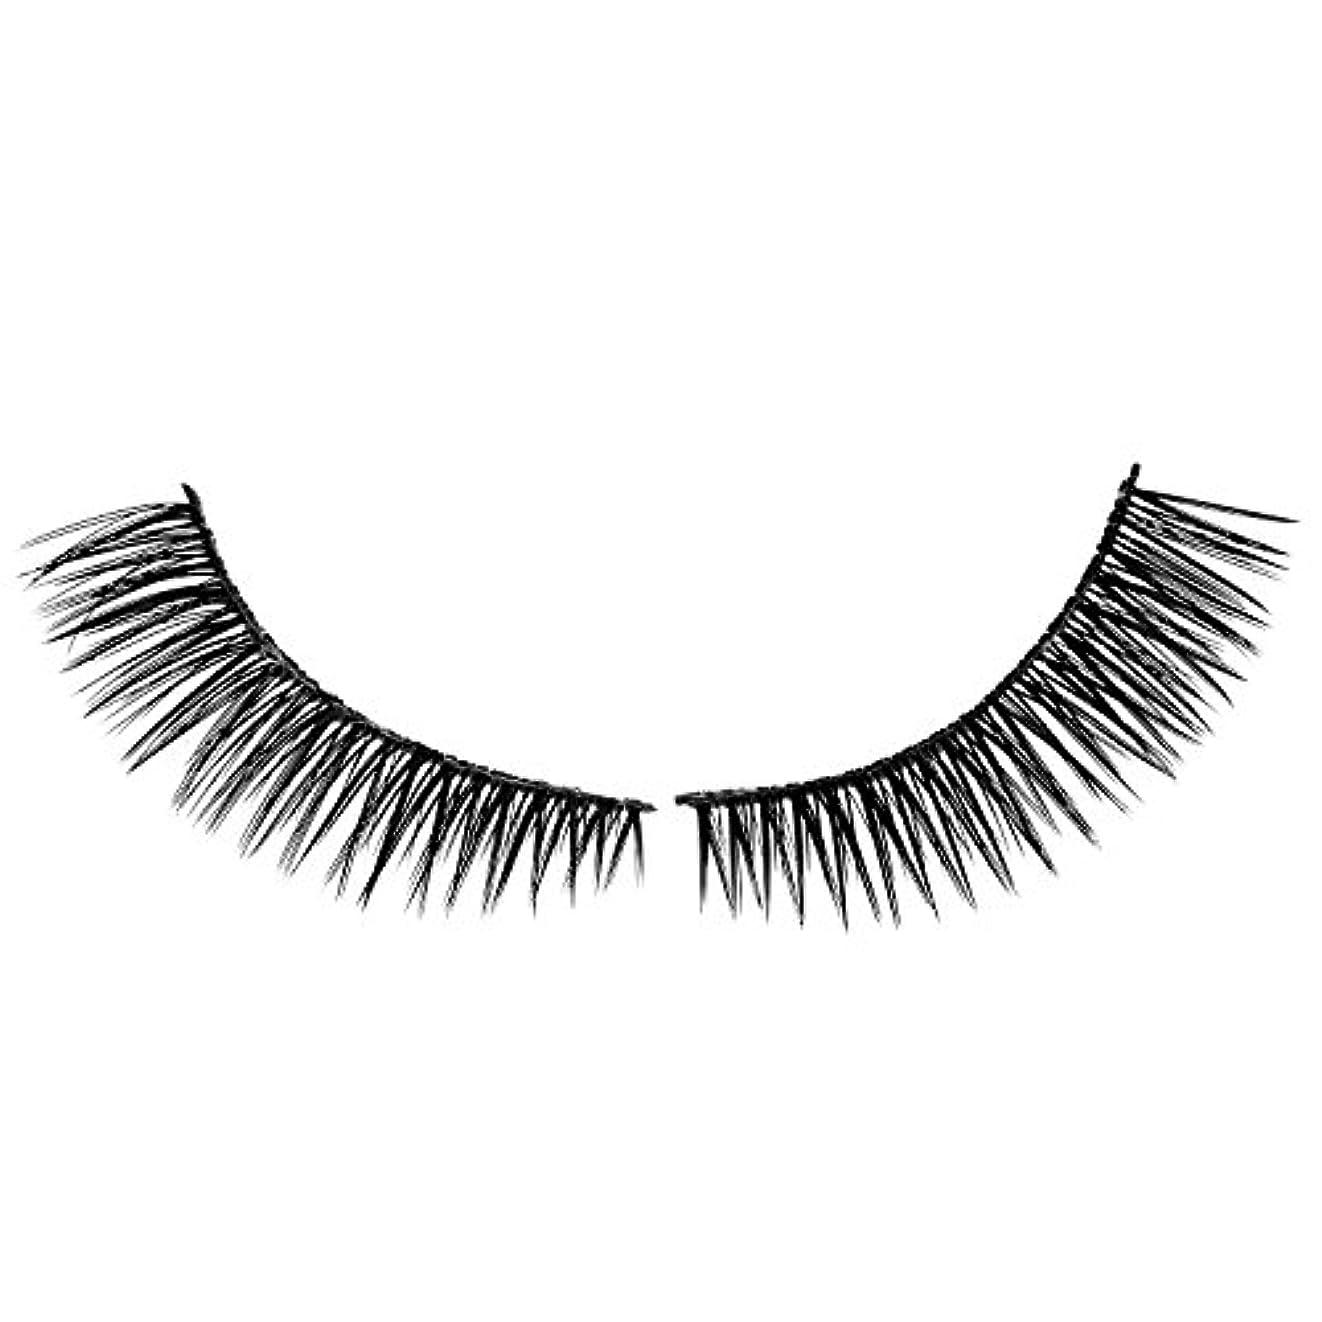 消費するシンプルな浸漬SODIAL 1組つけまつげ人工睫毛自然美容メイクつけまつげ018